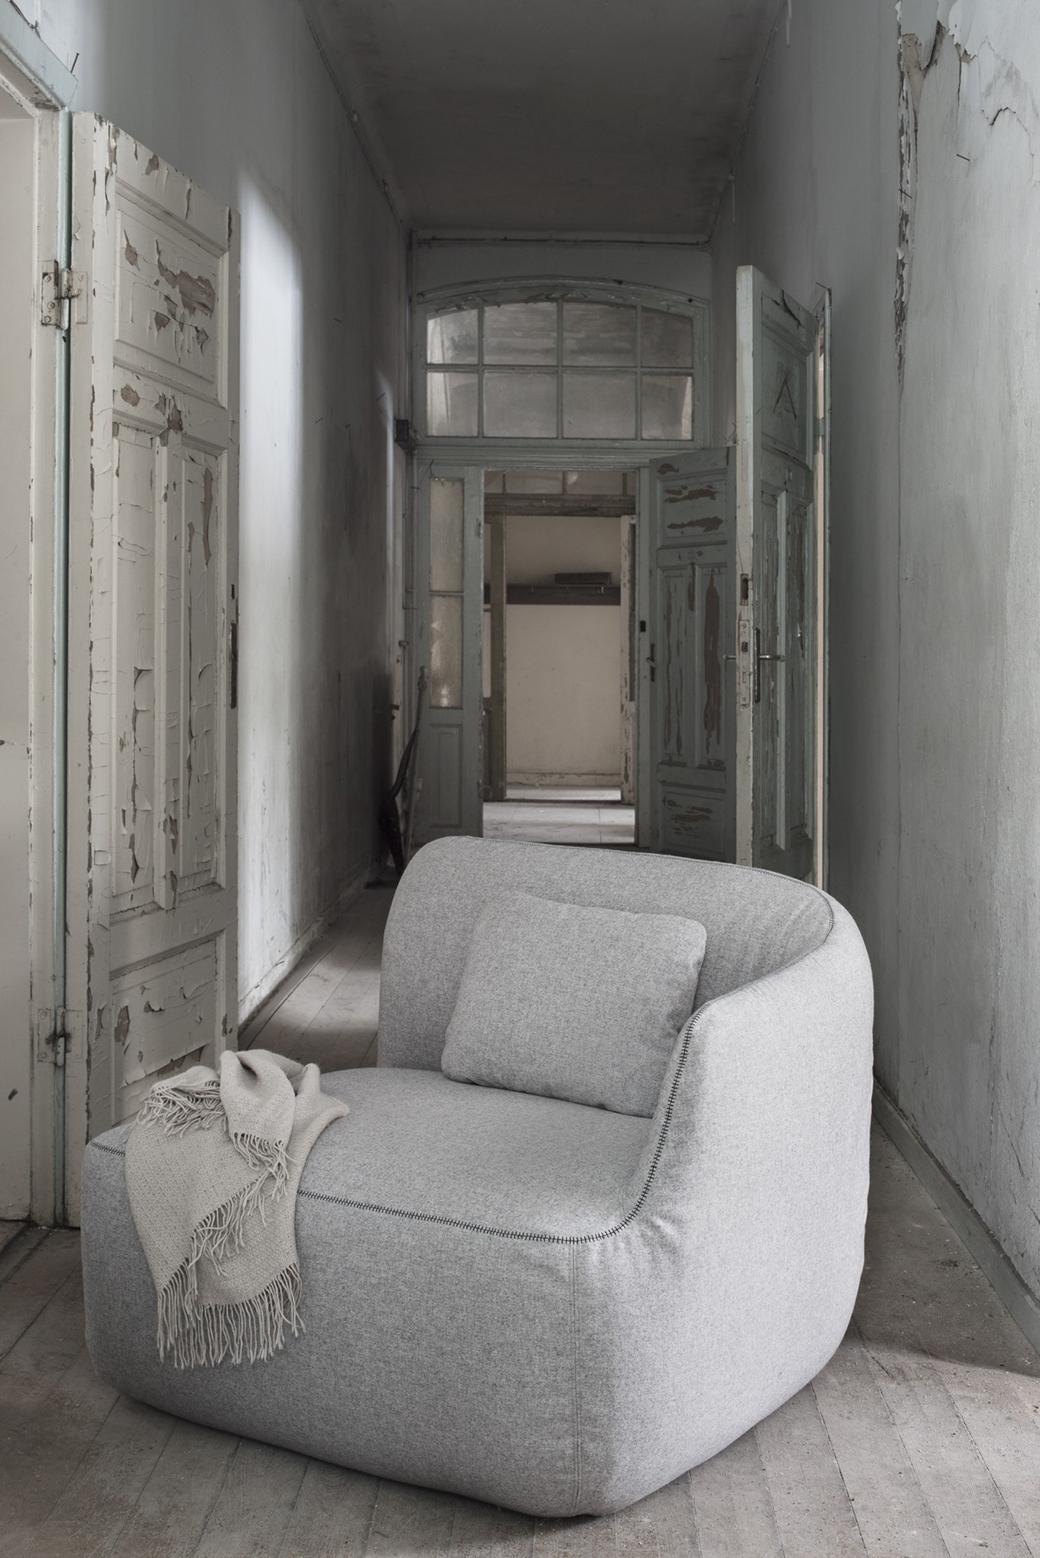 Como designed by Mattias Stenberg for Ire